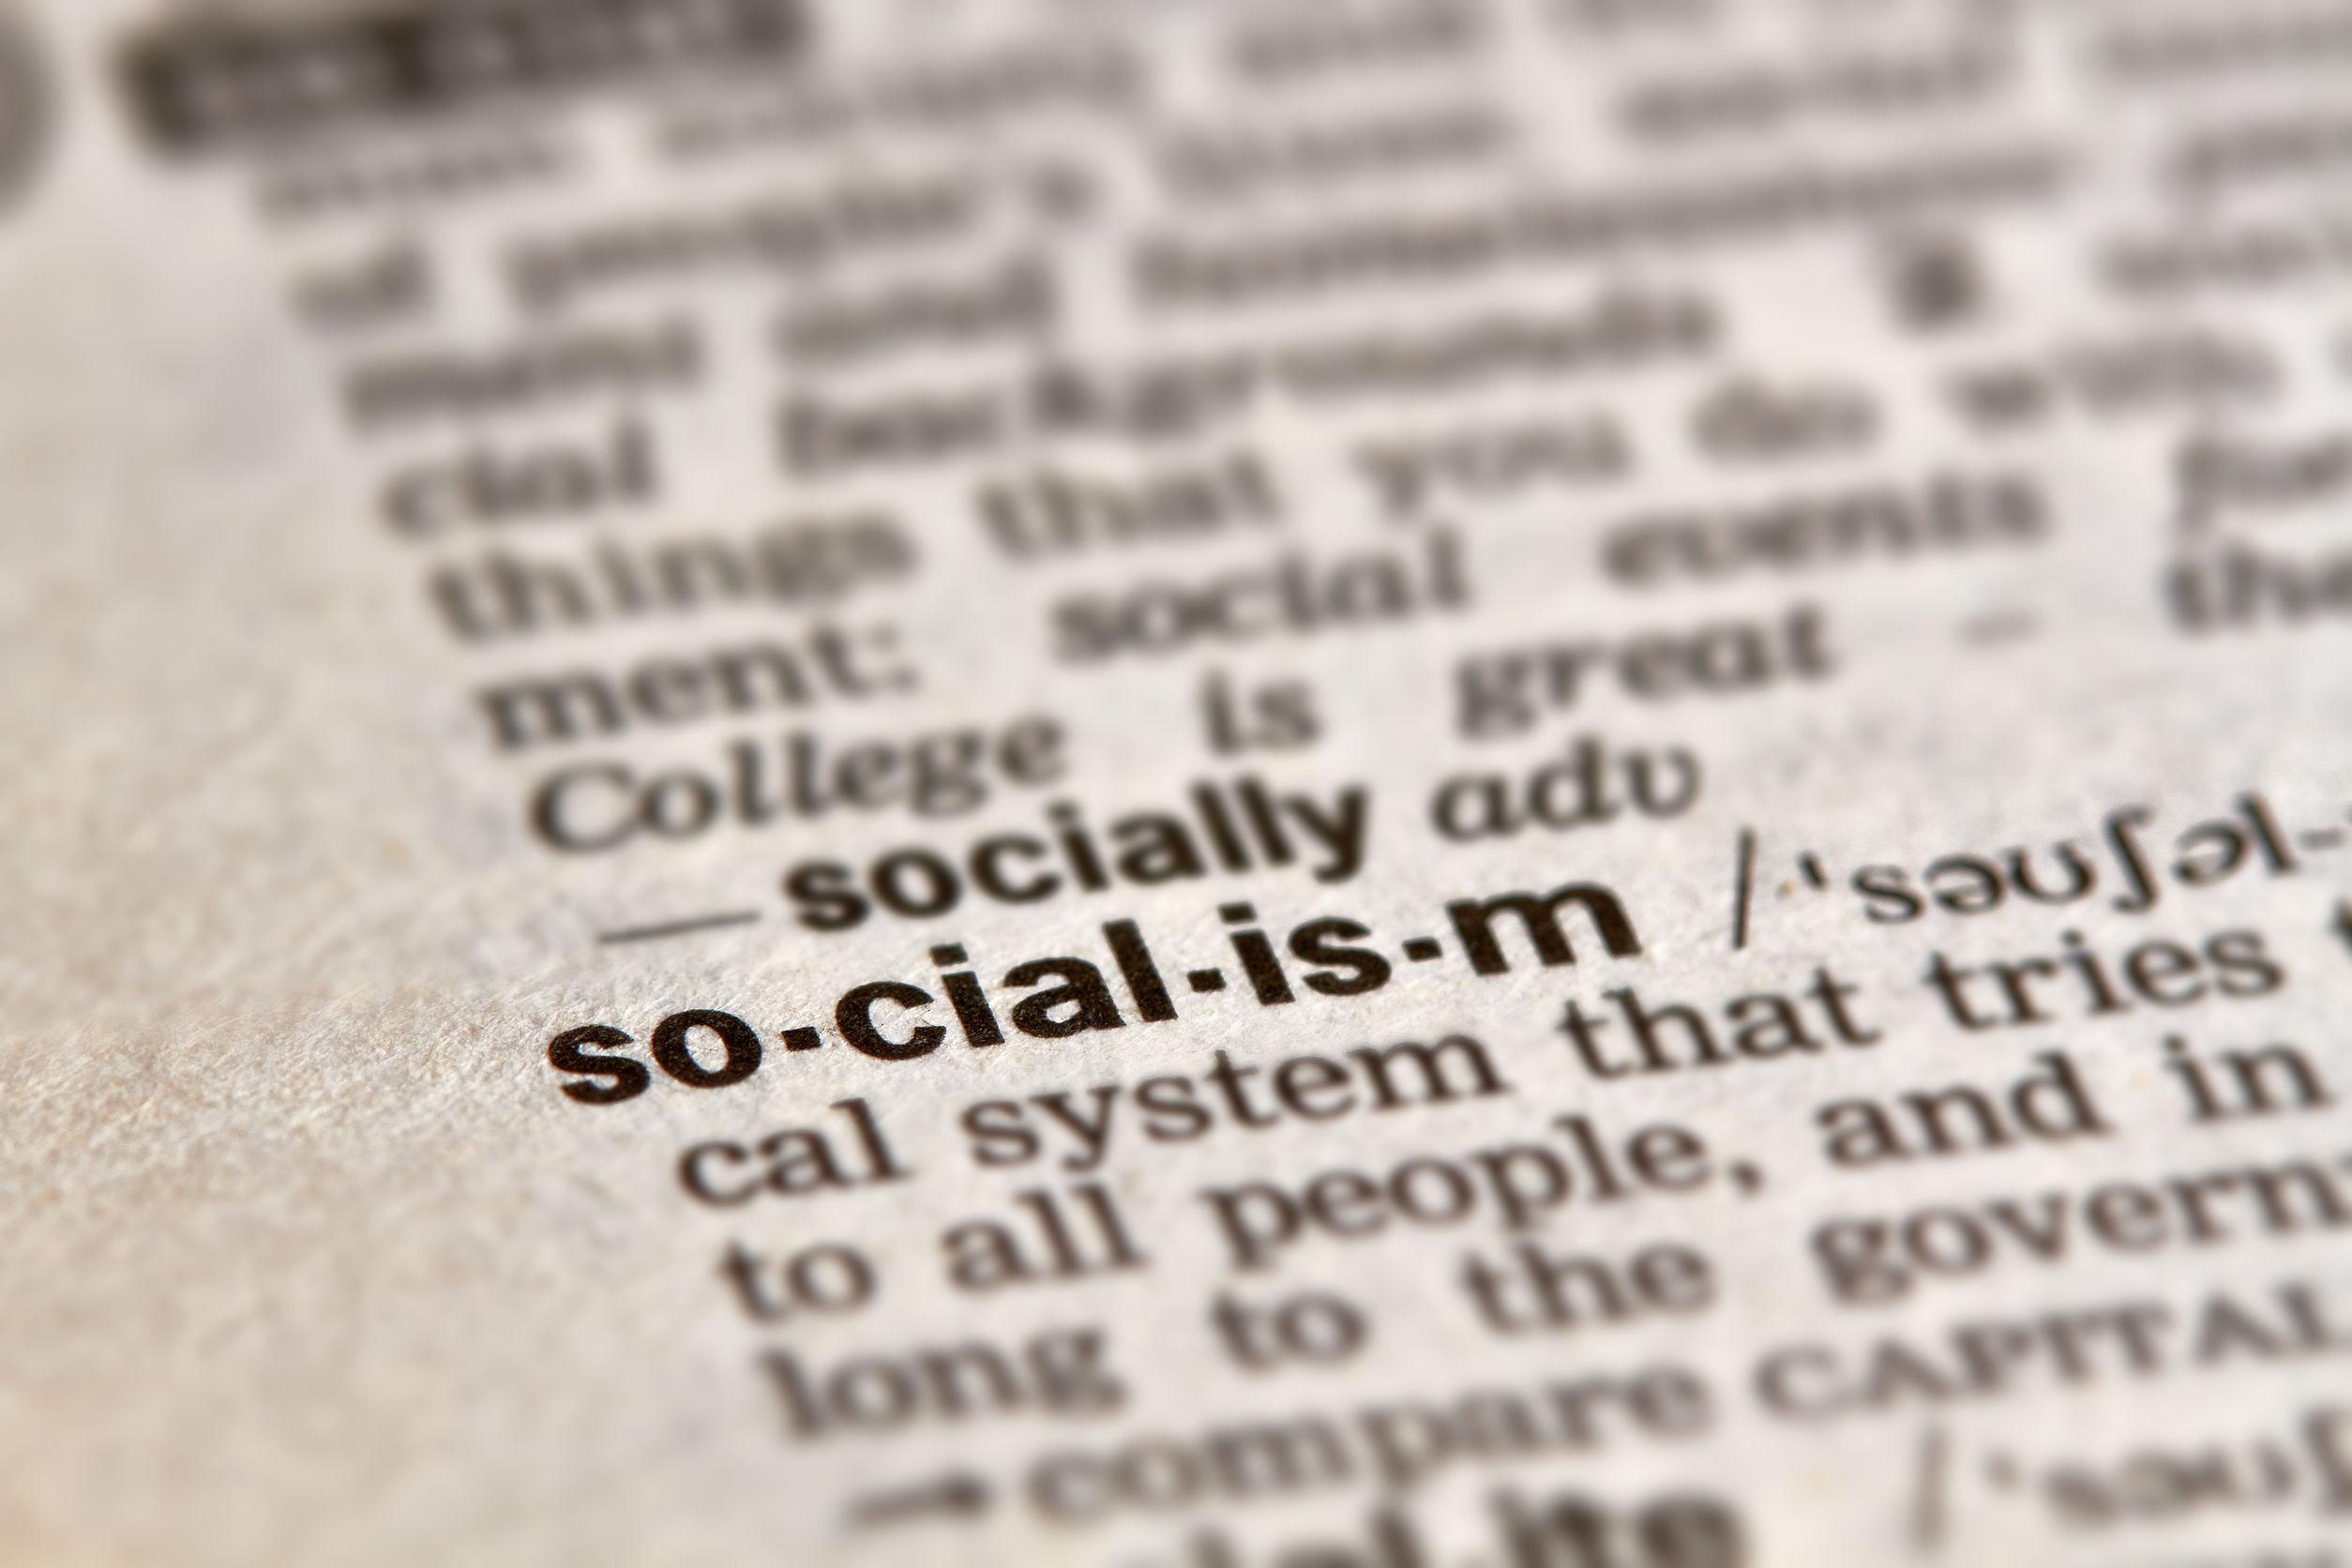 #CentenarulRosu: De la utopia socialistă, la eşecul comunismului şi destrămarea Pactului Varşovia (I)